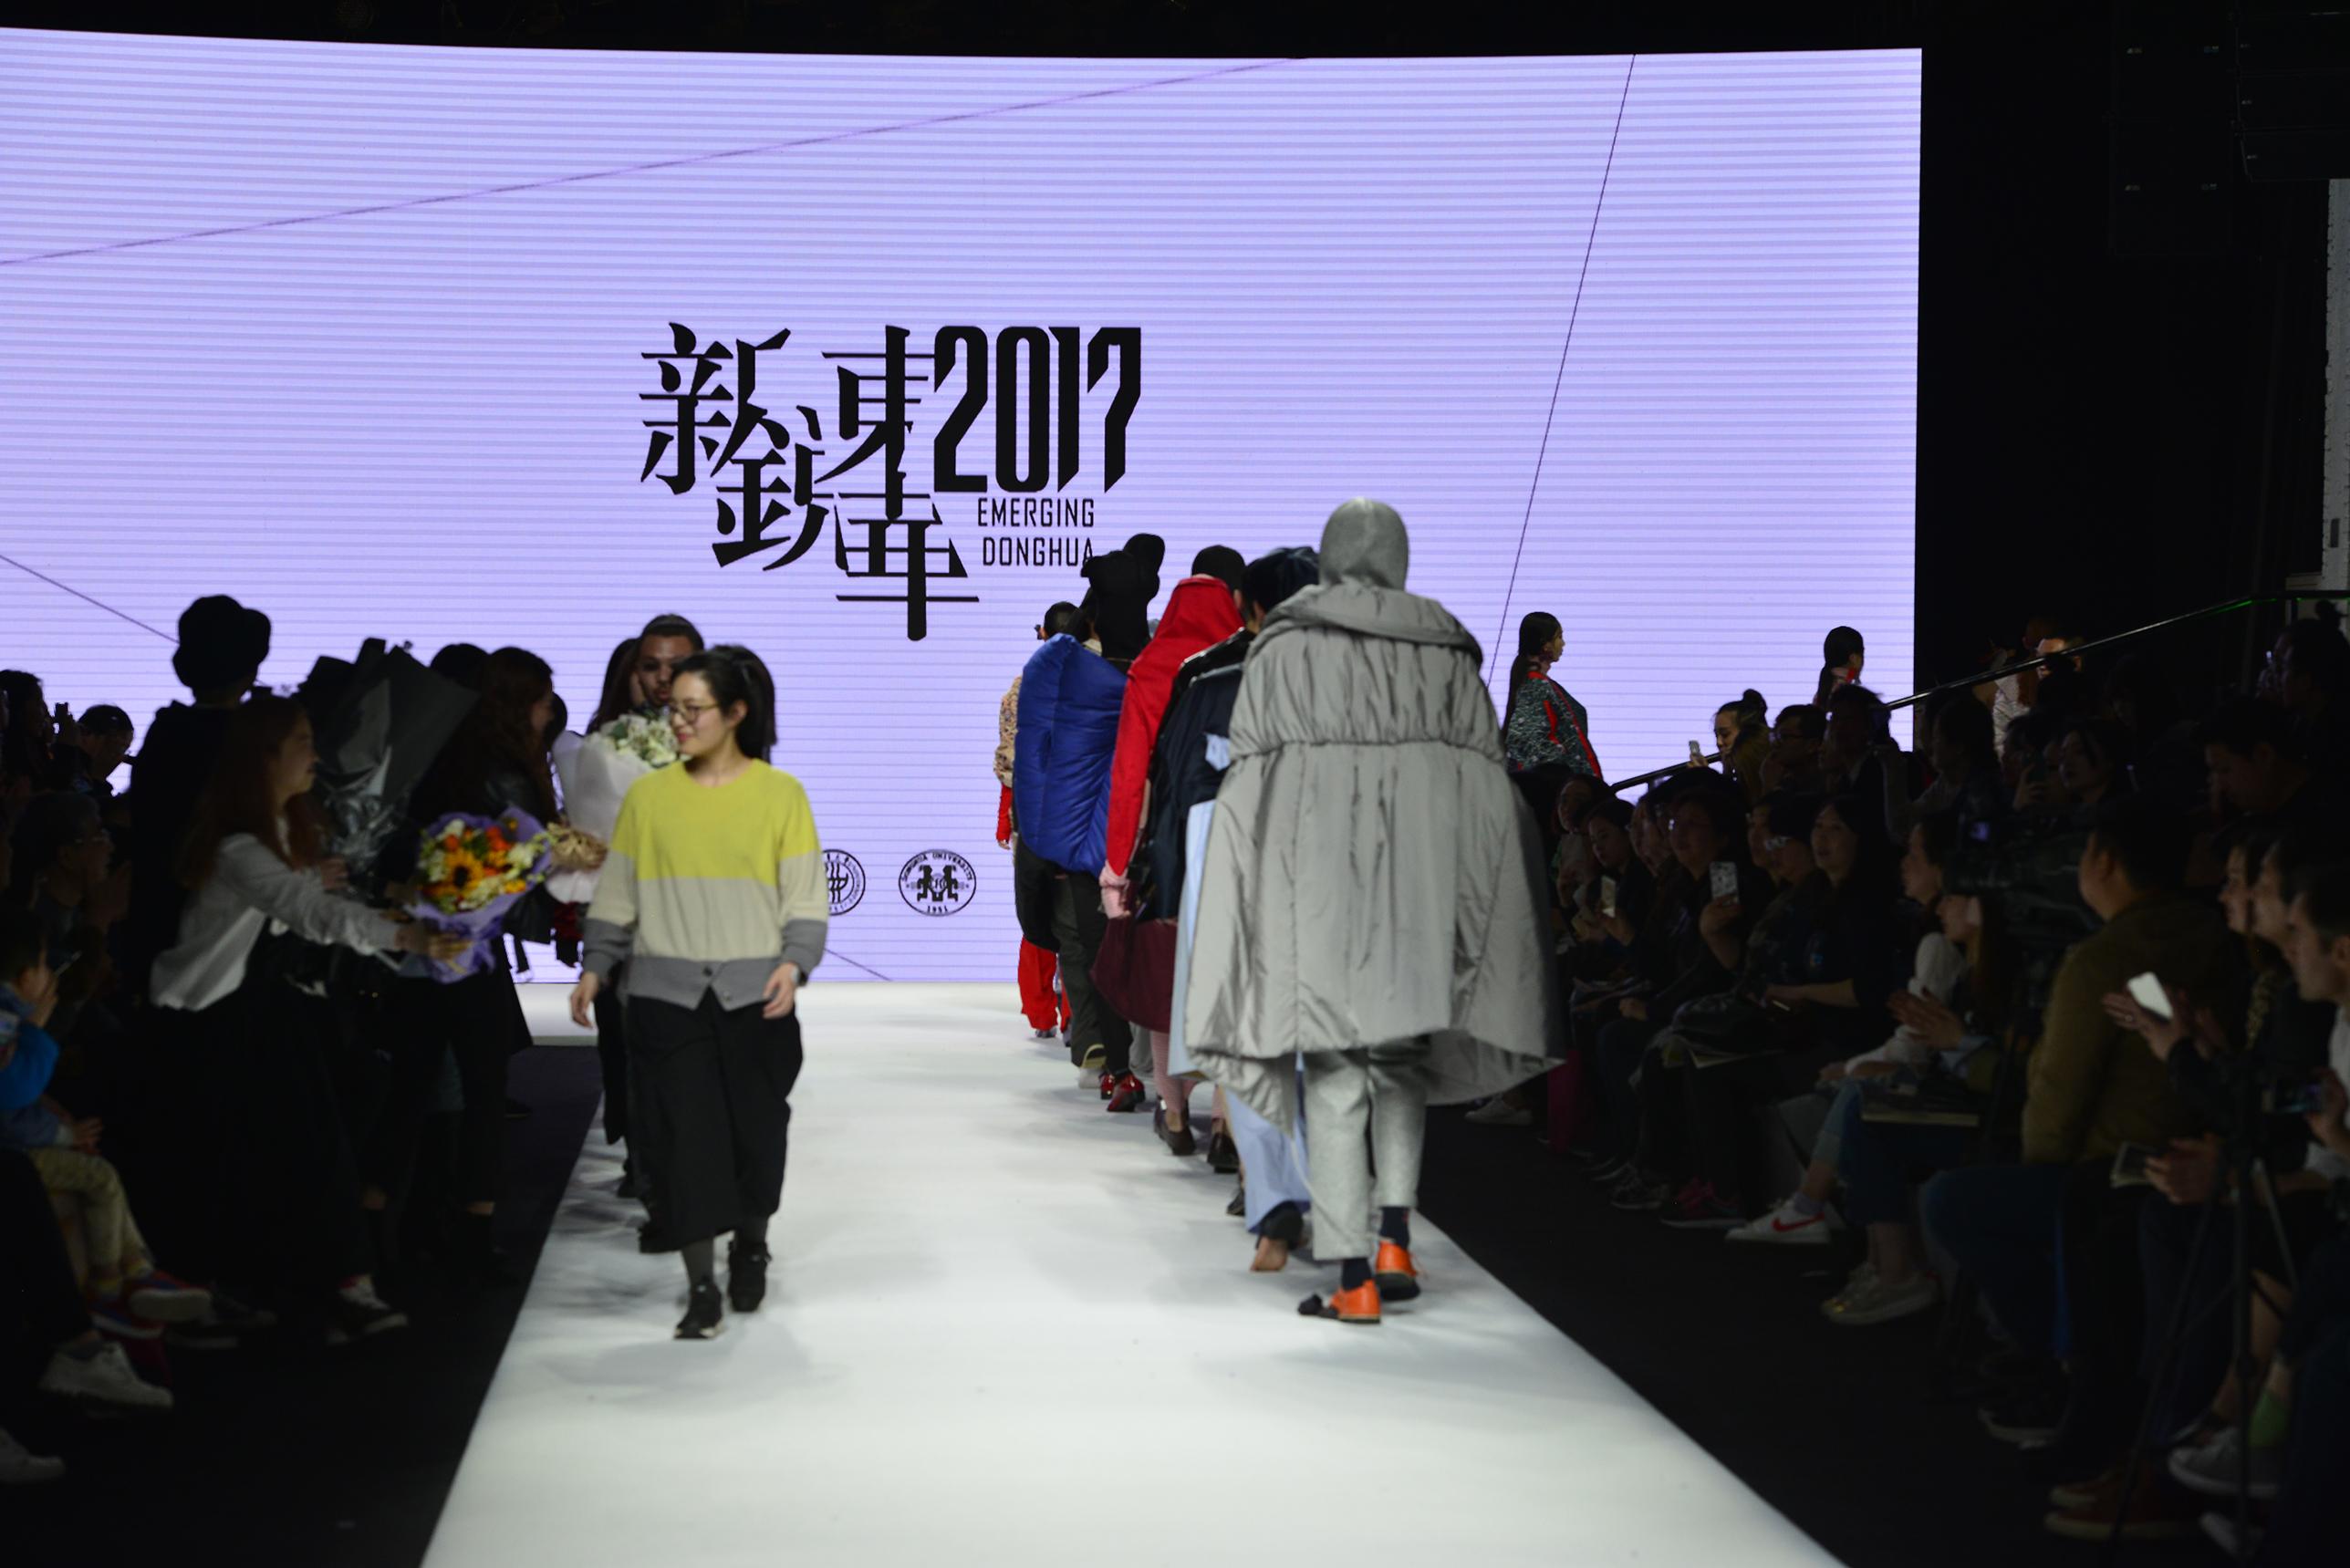 4月12日晚,东华大学新锐设计师作品发布会亮相上海时装周静安800秀场,集中展现了东华新锐设计师培优支持计划成果,反映了新锐力量完成从本科生到社会人的角色转变,其中一名优秀设计师的作品将在6月代表东华大学参加伦敦毕业生时装周。此次展演的新锐设计作品融合了设计师们对时尚、设计、艺术、技术、材料、工艺等多方位的理解和表达,诠释了精致东华设计工匠的精神内涵。 东华大学党委副书记、纪委书记金海燕,副校长刘春红出席发布会,学生就业服务中心主任宋丽贞,服装与艺术设计学院党总支书记袁孟红,院长李俊,副院长李敏、